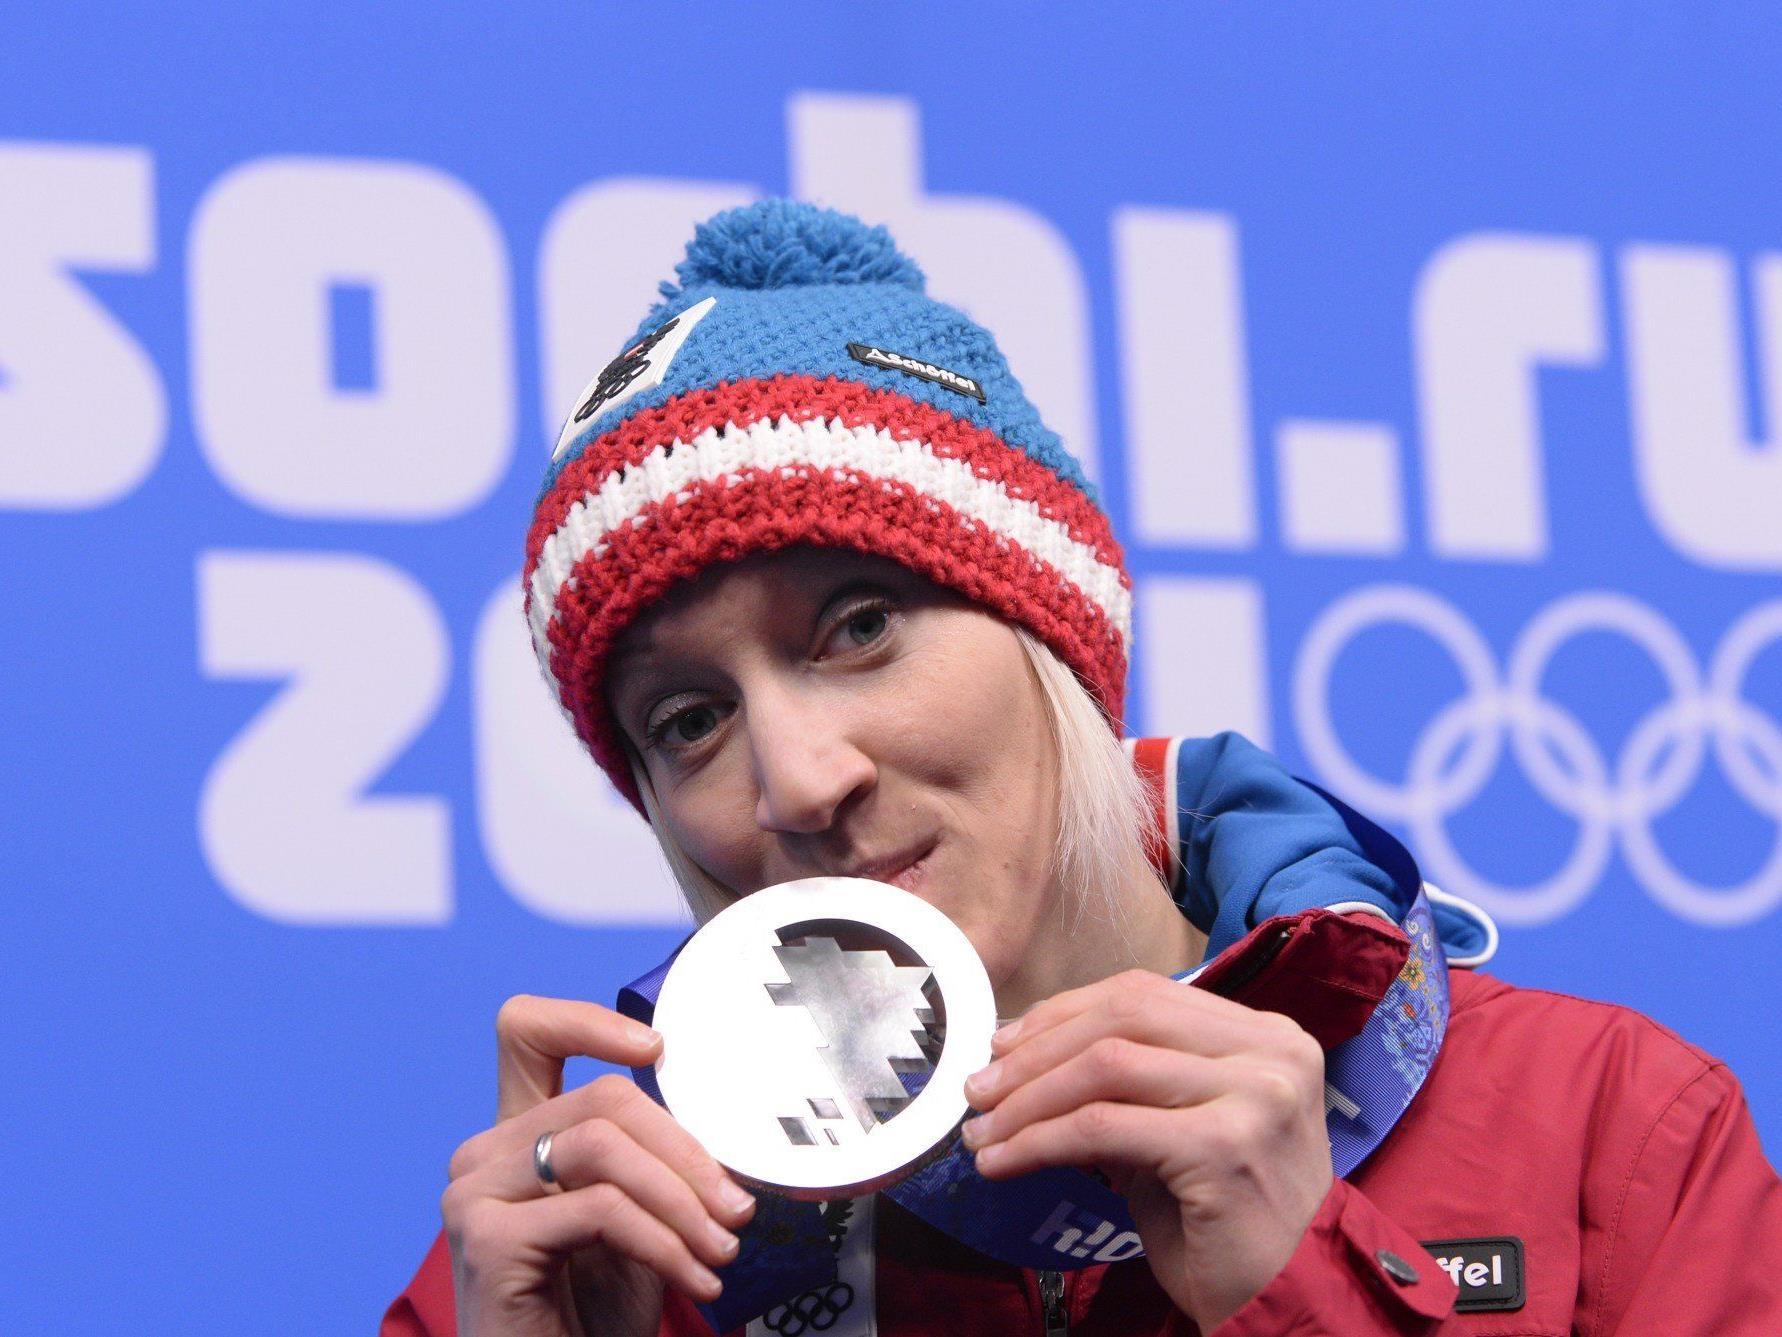 Daniela Iraschko-Stolz sorgt nicht nur mit ihrer Frau für Schlagzeilen, sondern auch mit Silber.